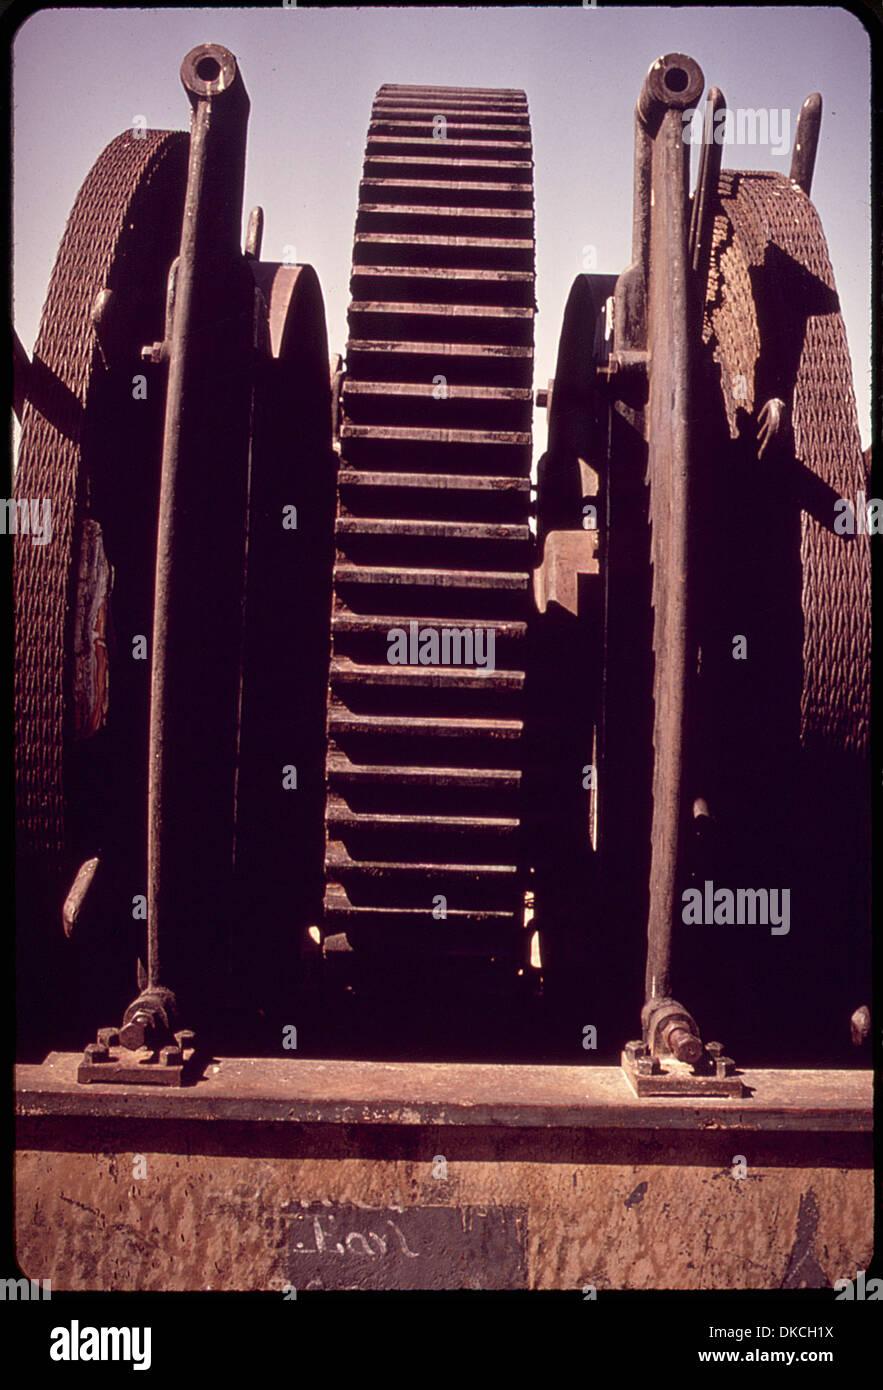 Maquinaria en BODIE Parque Histórico del Estado 543121 Imagen De Stock